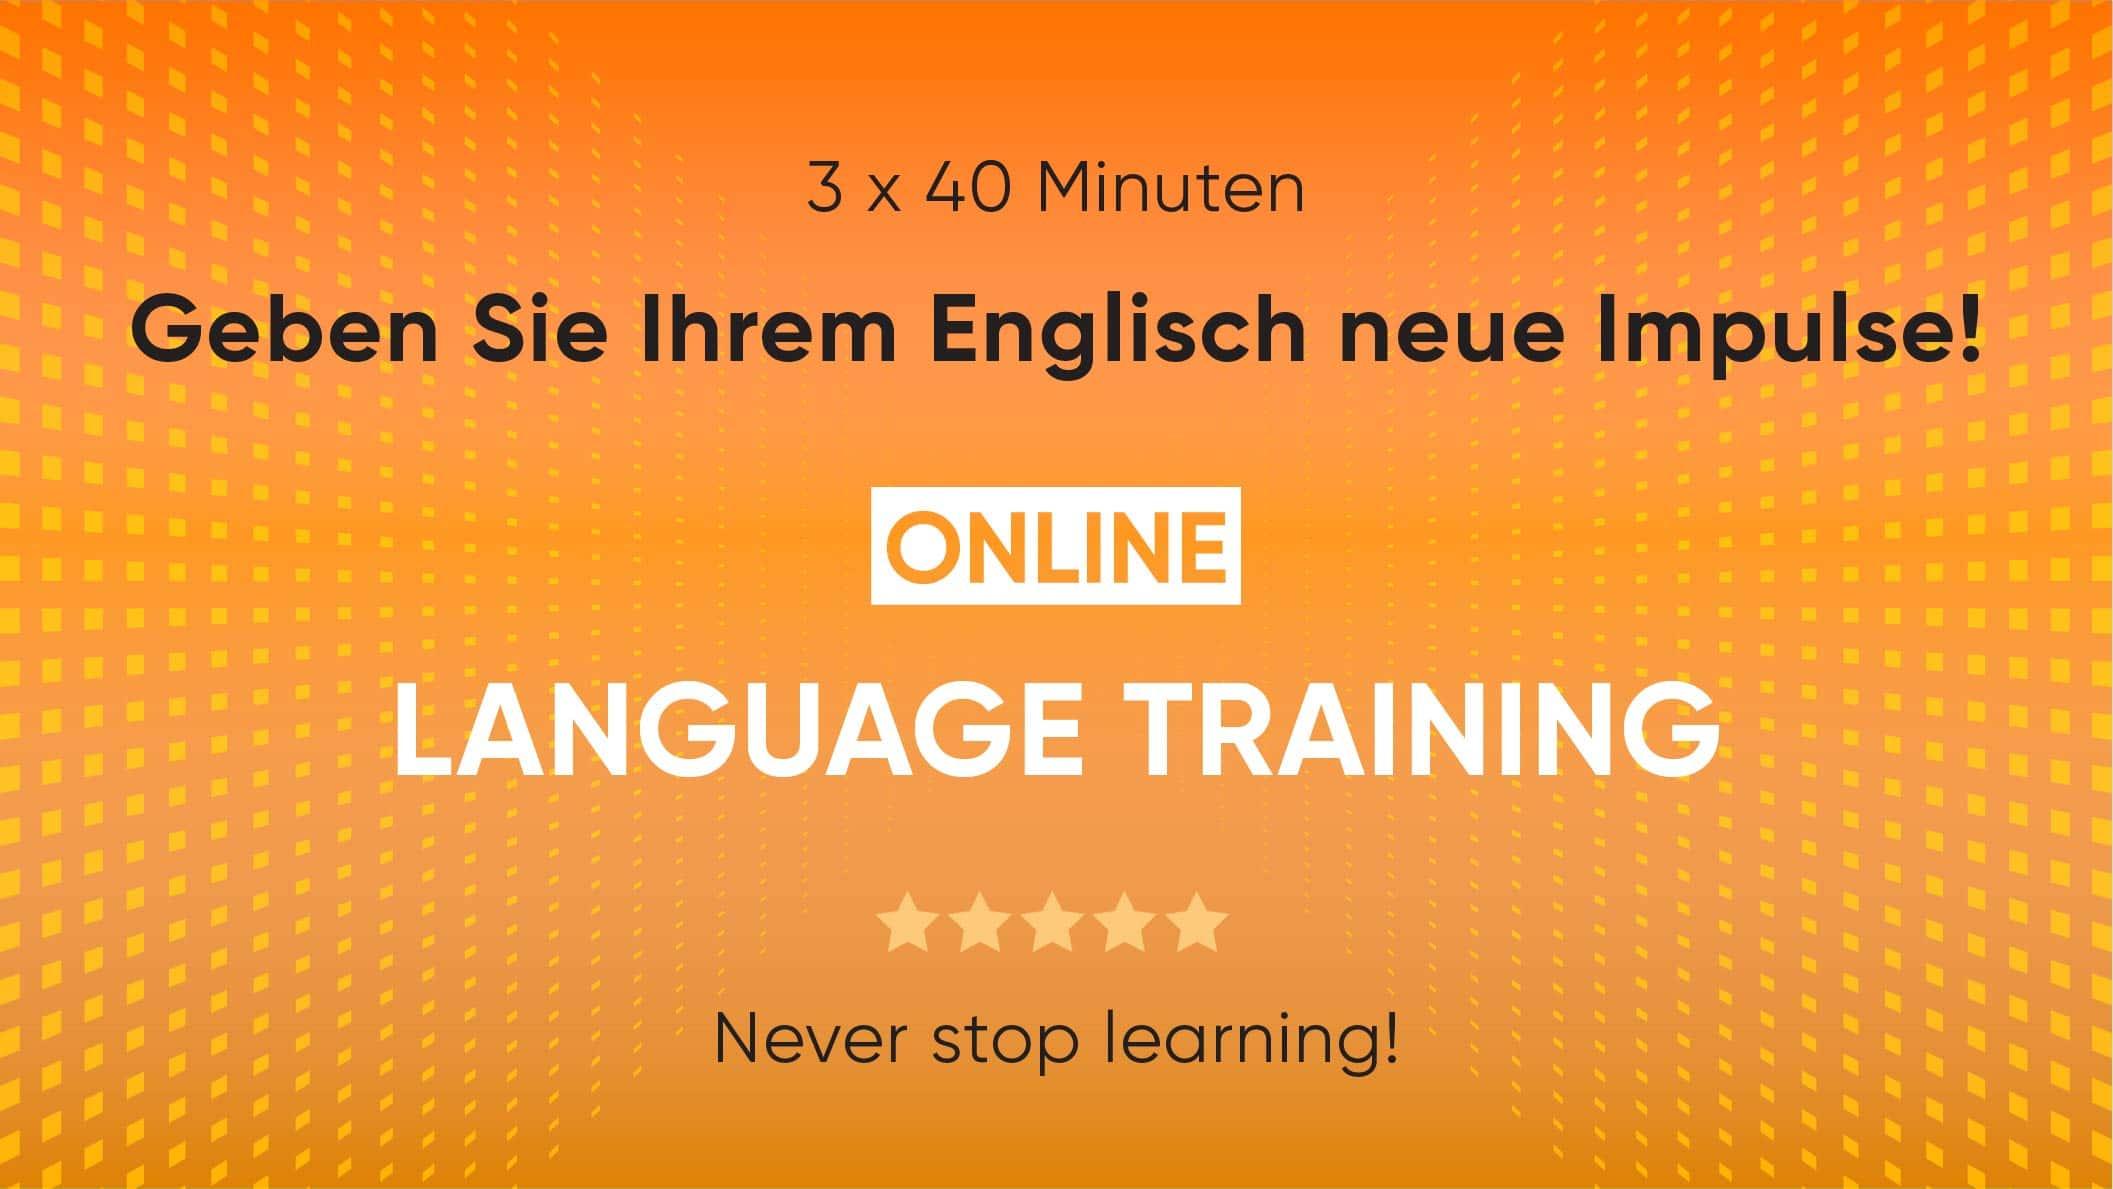 3 x 40 Minuten Online Sprachtraining - Geben Sie Ihrem Englisch neue Impulse